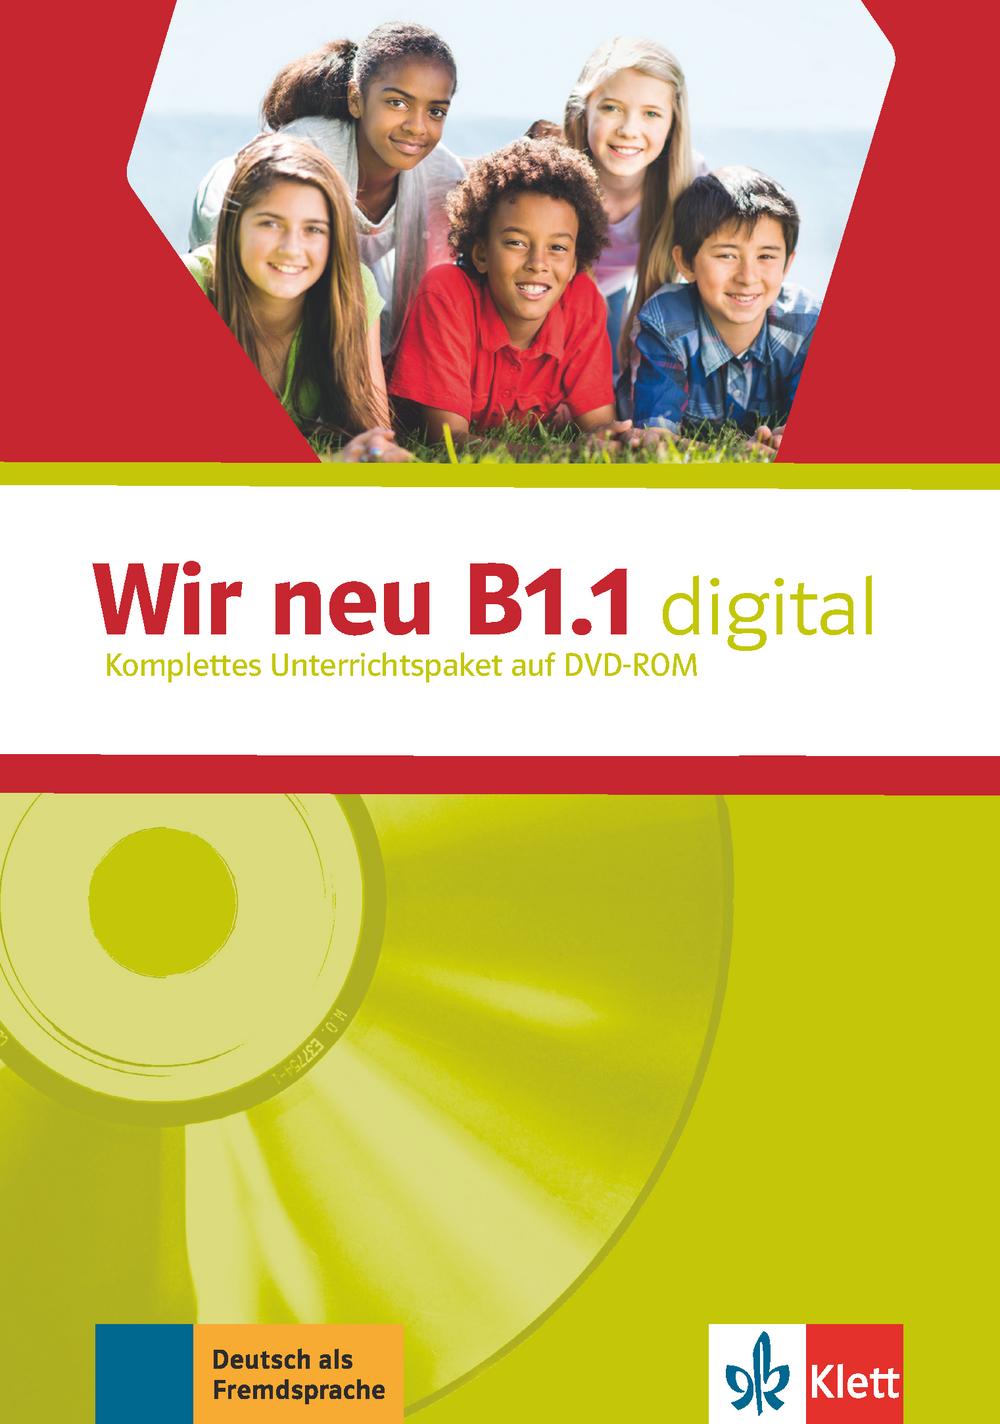 Wir neu B1.1 digital